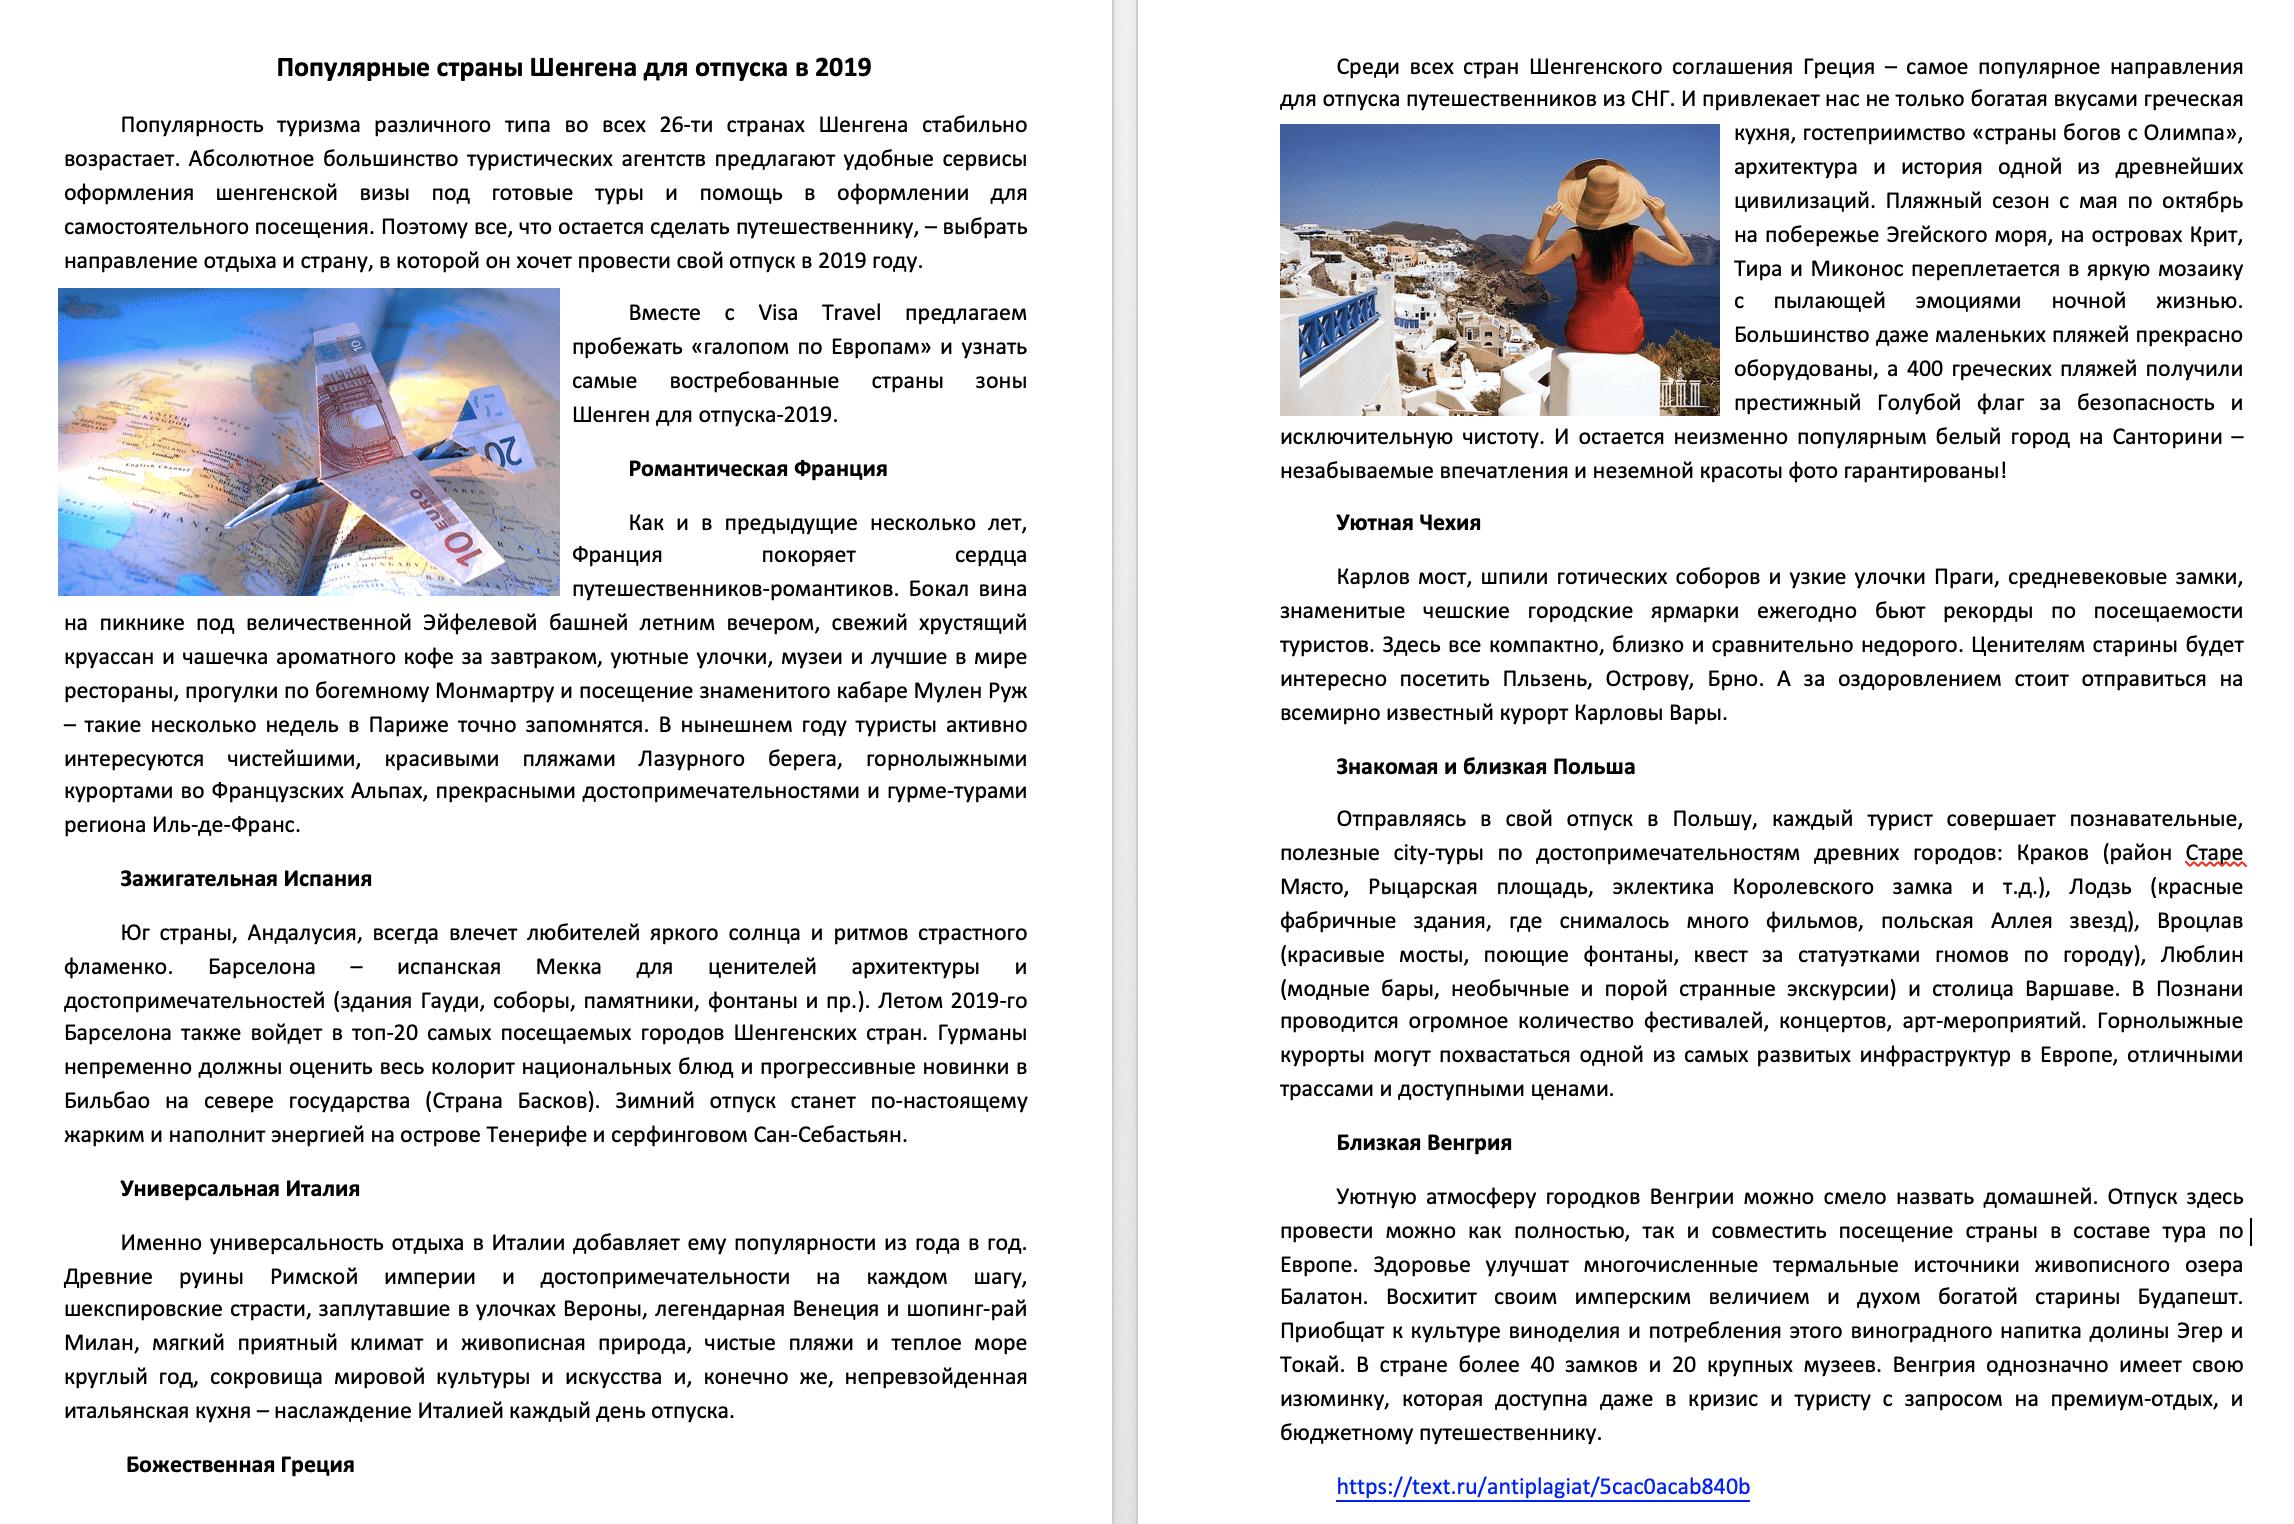 Пример текста для блога №1 – Текст для туристического блога о популярных странах Шенгена.